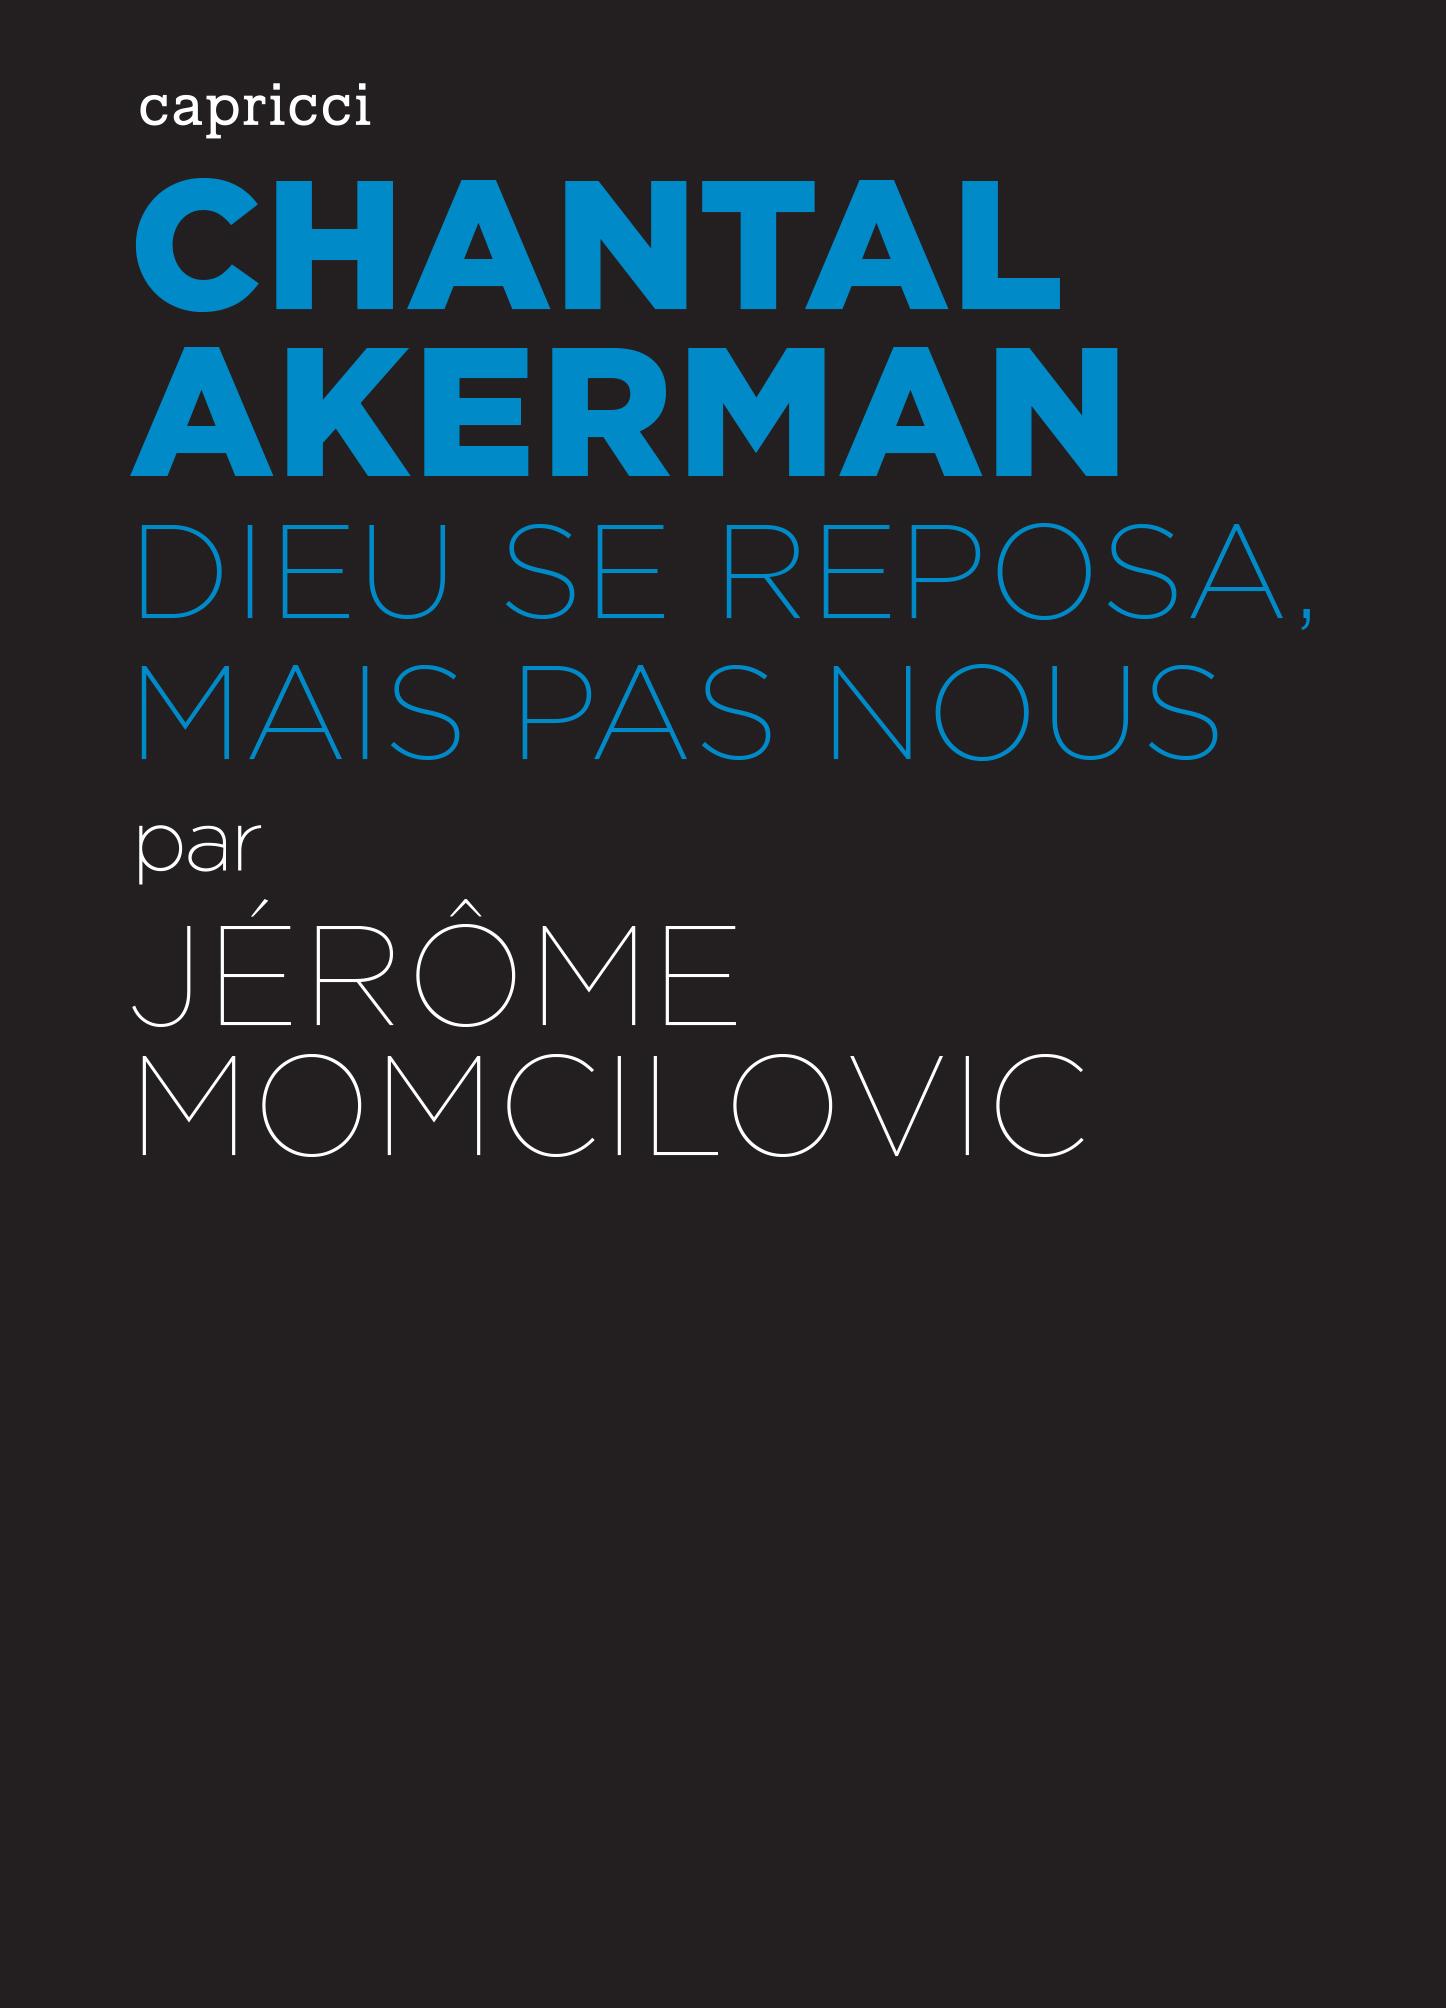 Chantal Akerman - Dieu se reposa, mais pas nous